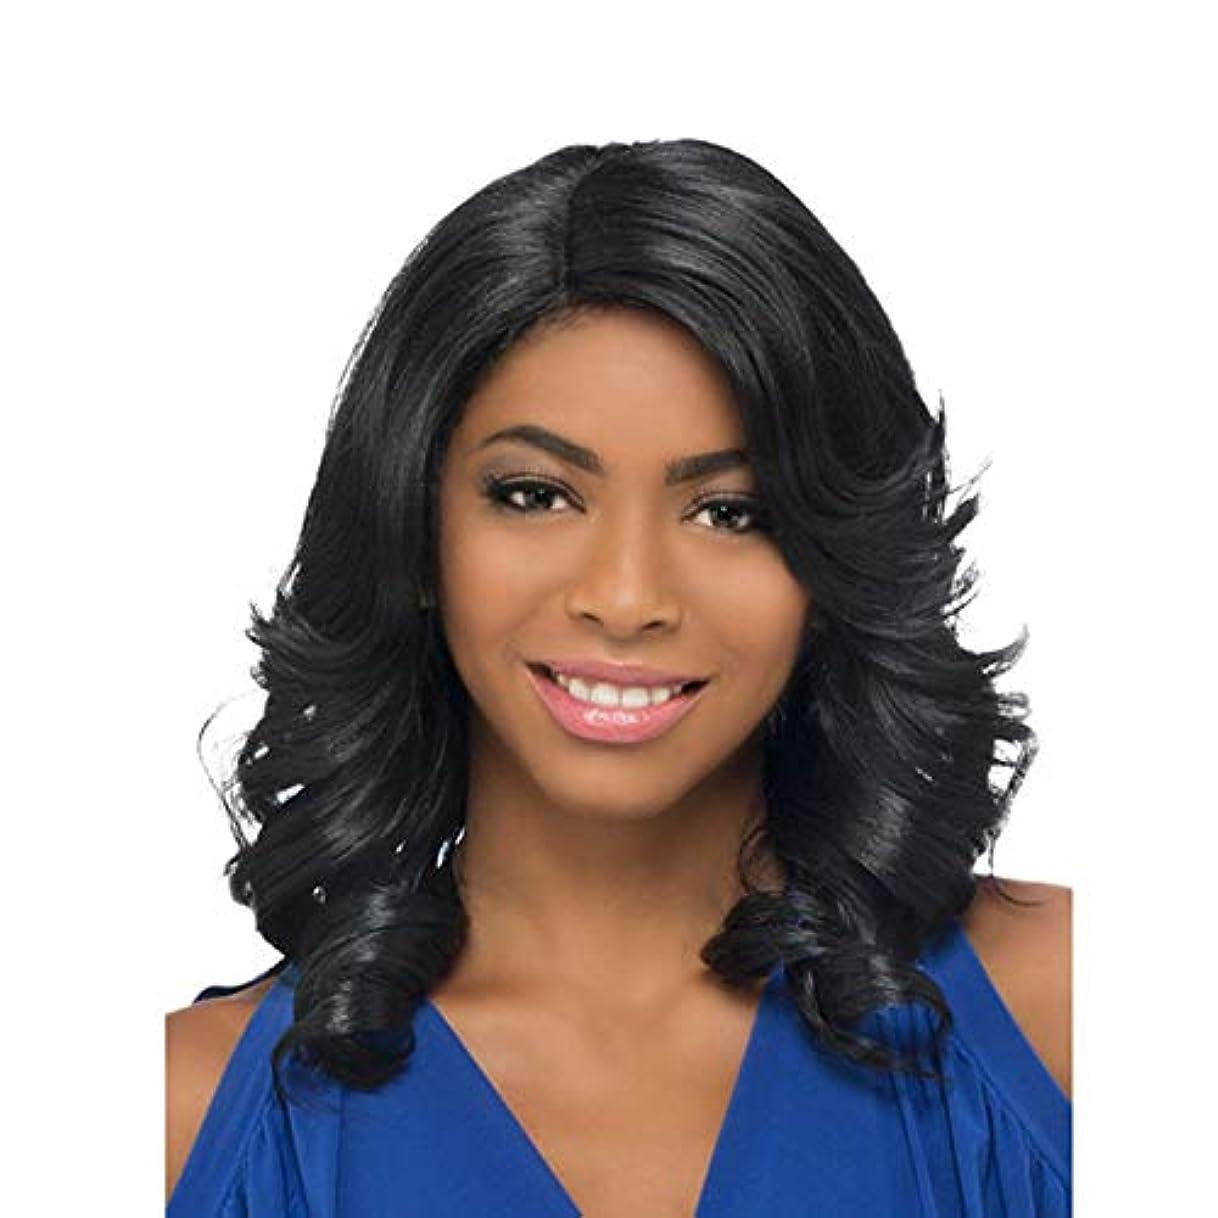 布現れる橋WASAIO 女性の長いストレートの髪のかつら肩の長さの前髪と波状 (色 : 黒)